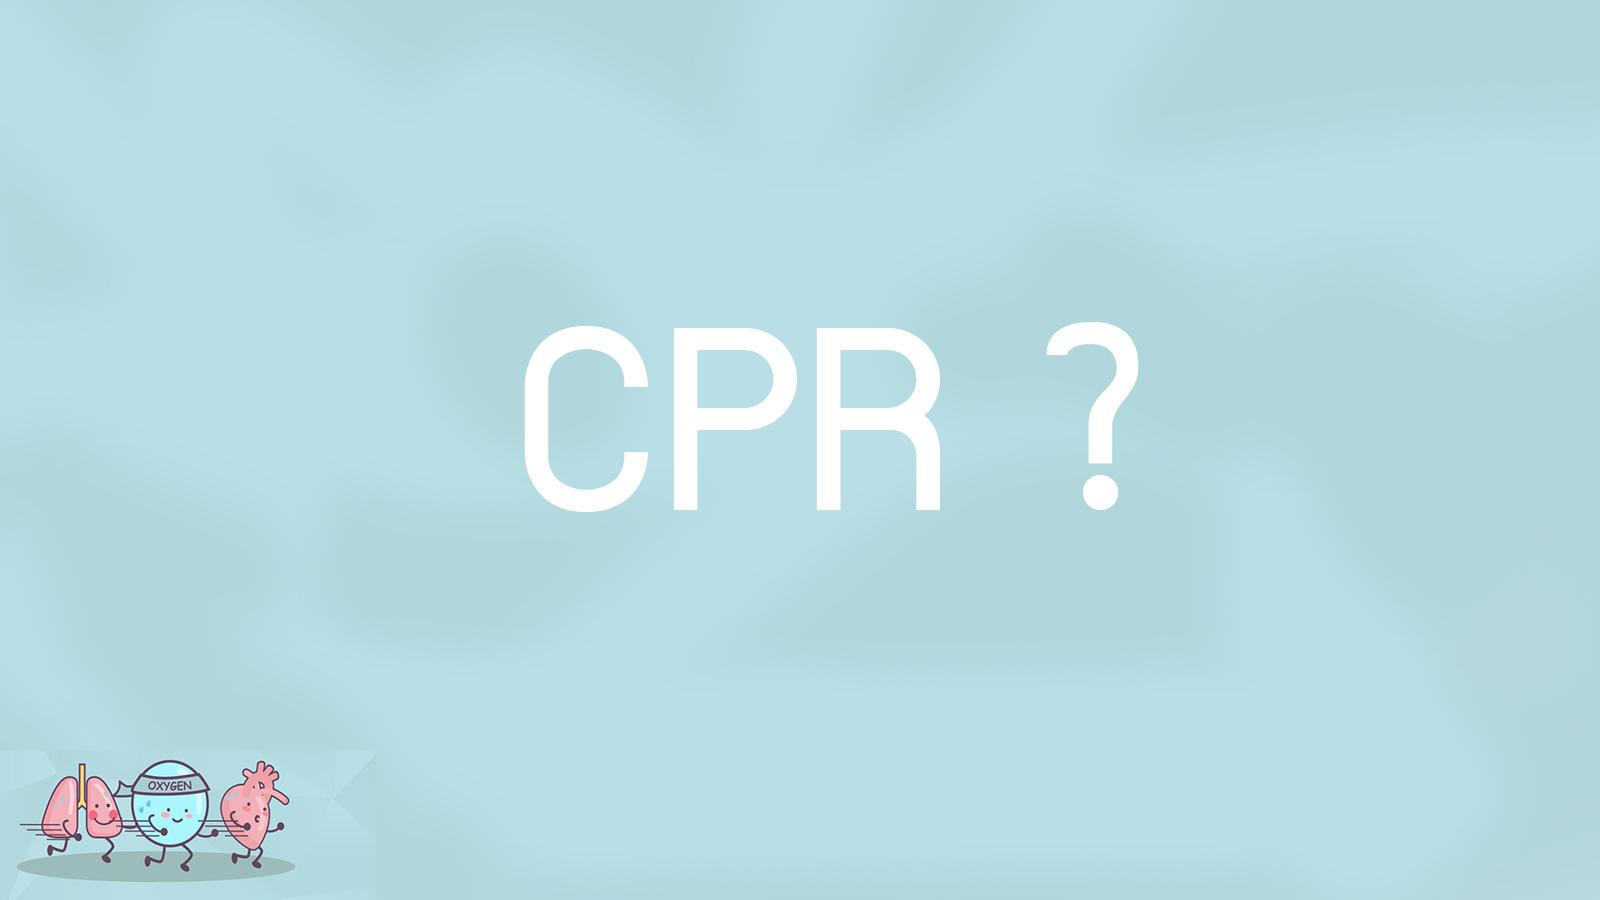 NCPR3